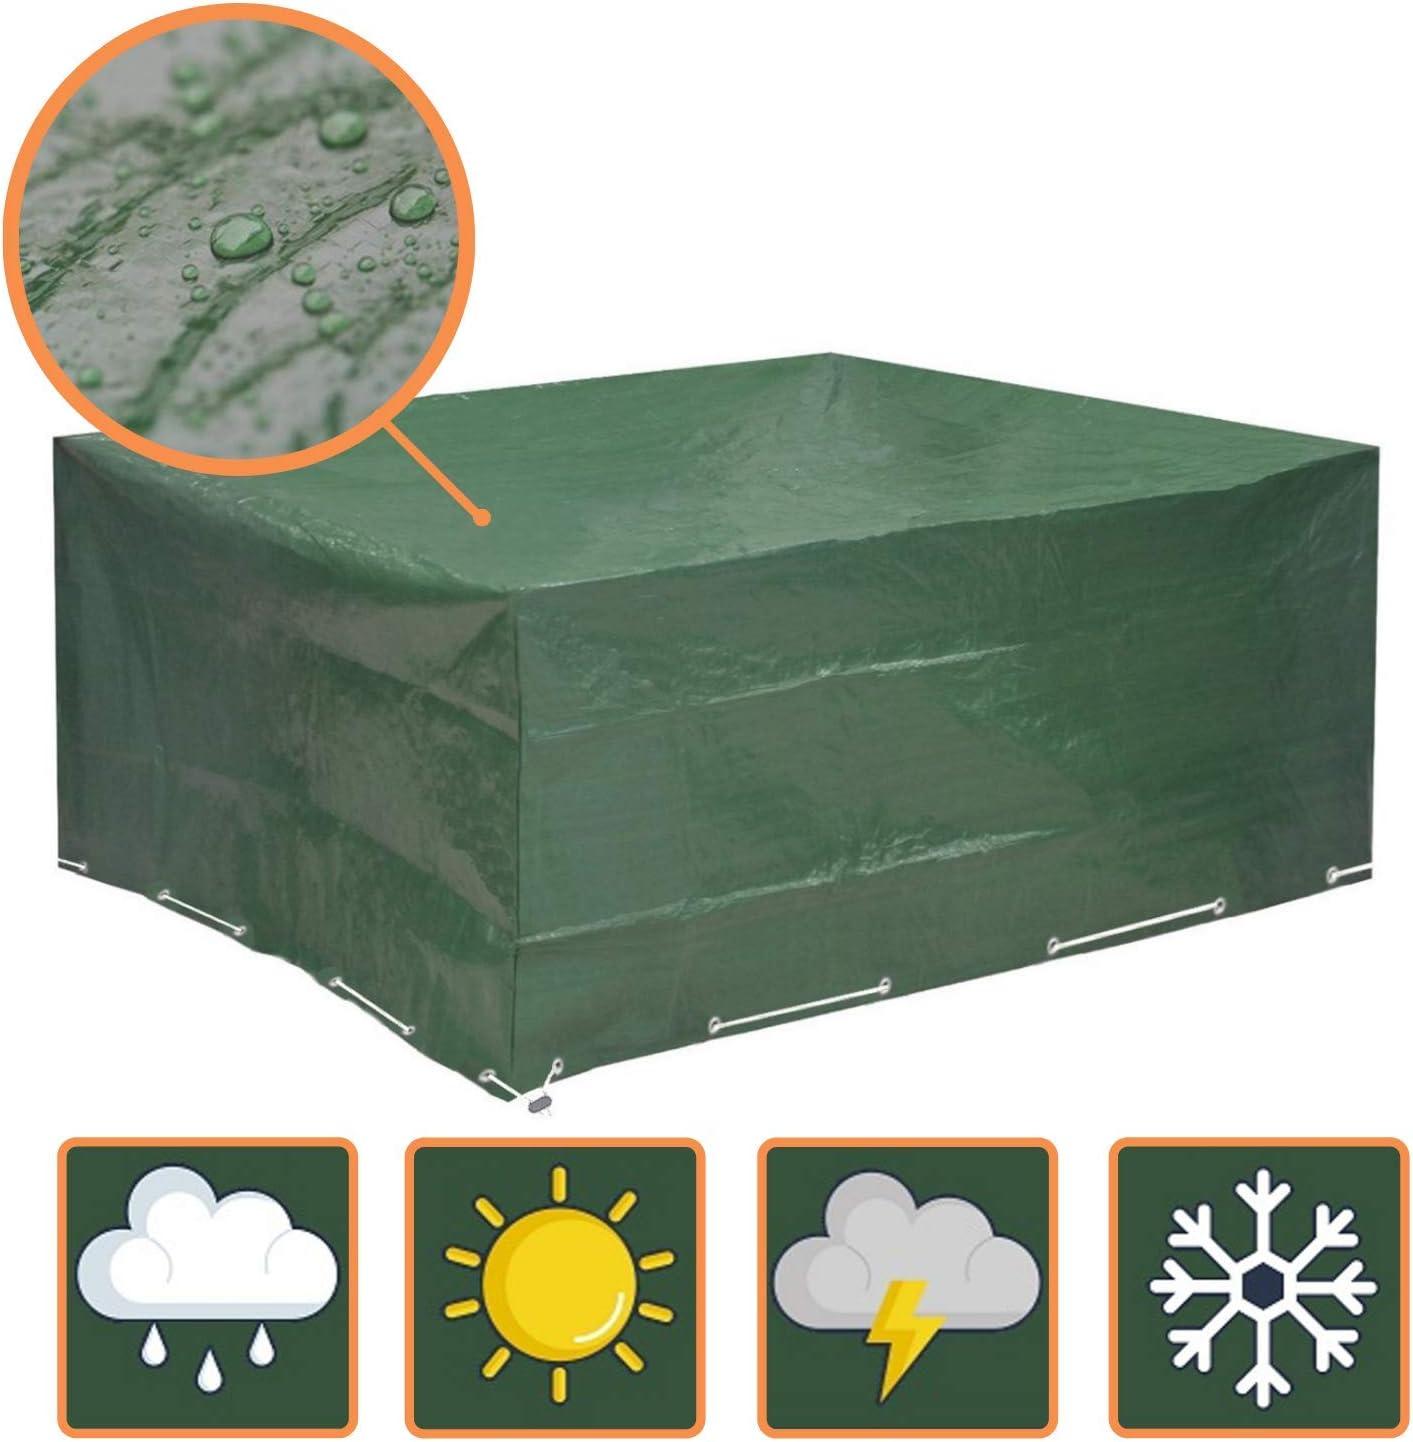 Glorytec Funda Muebles Jardin 200x160x70 - Funda Mesa Jardin con protección Impermeable contra el Viento y Condiciones climáticas - Funda Protectora para mesas de jardín (cuadradas o angulares)